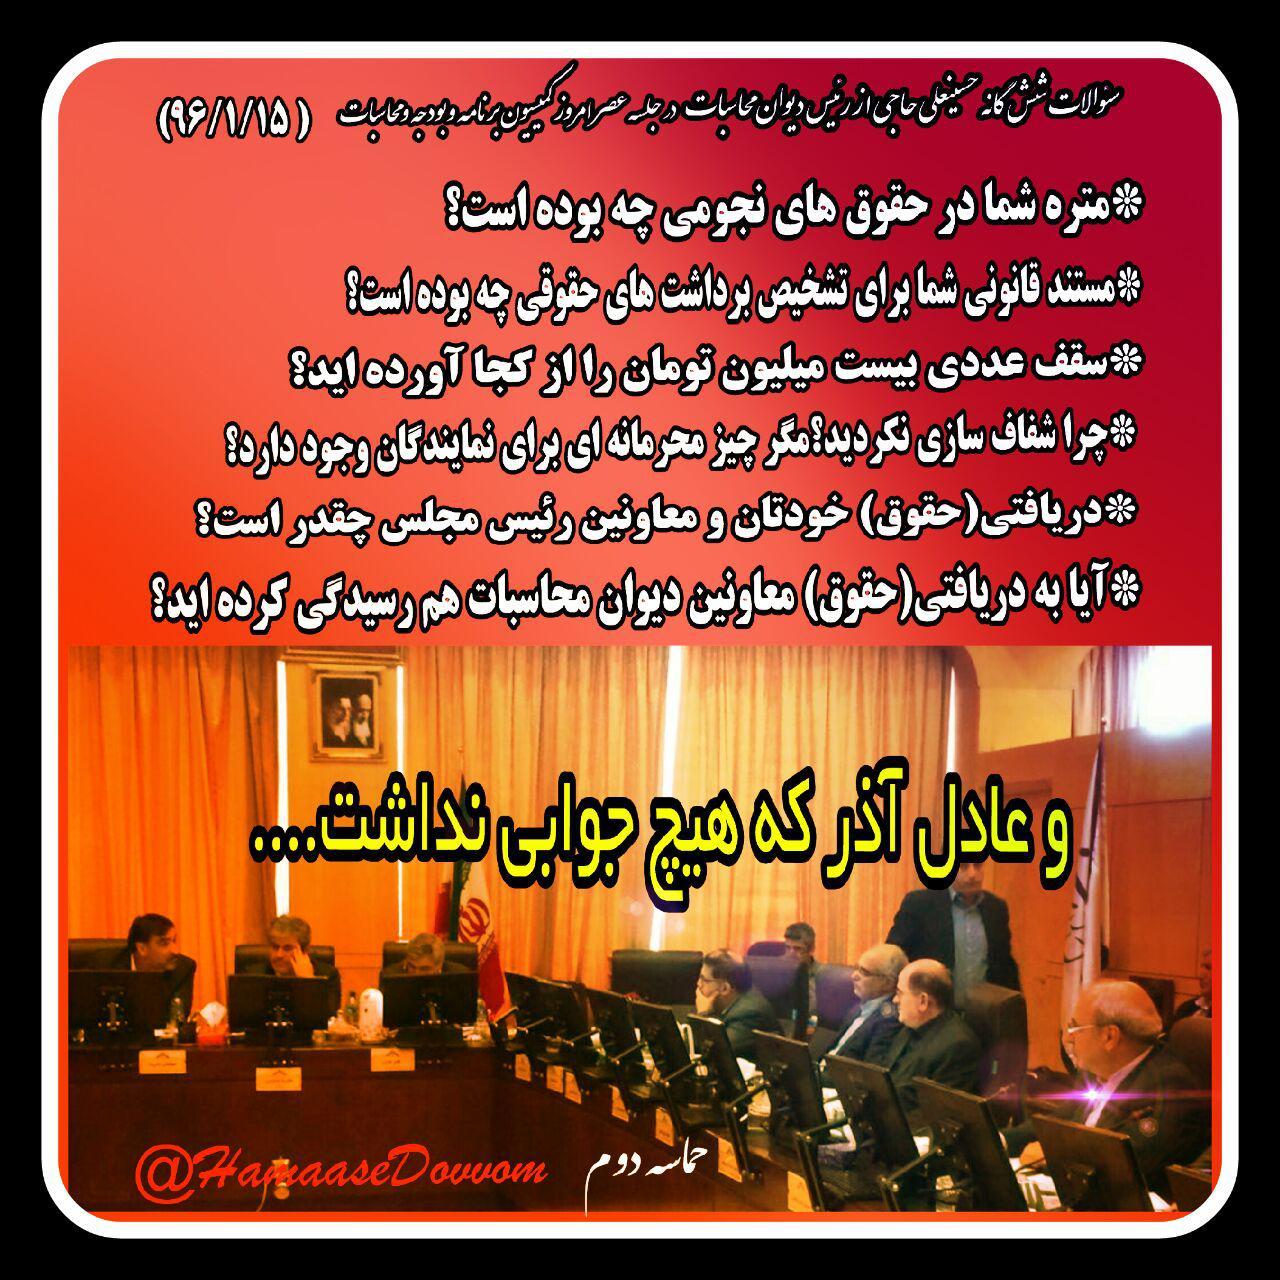 حاجی:رئیس دیوان محاسبات حاضر به اعلام حقوق خود و معاونانش نشد! / استیضاح عادل آذر را تا آخر پیگیری میکنم